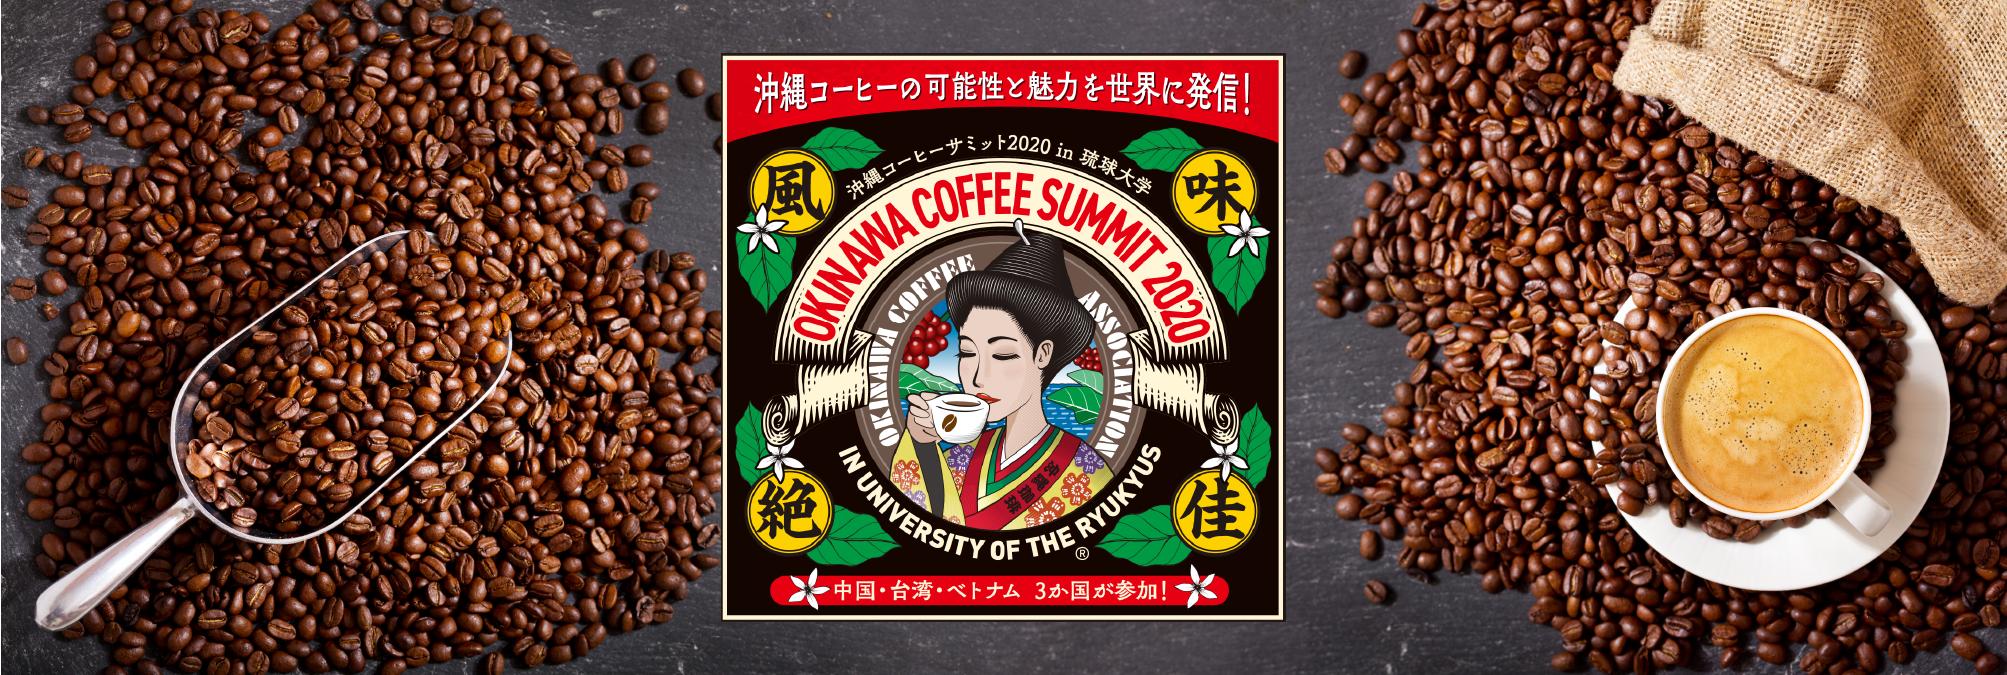 沖縄 コロナ フェス 2020